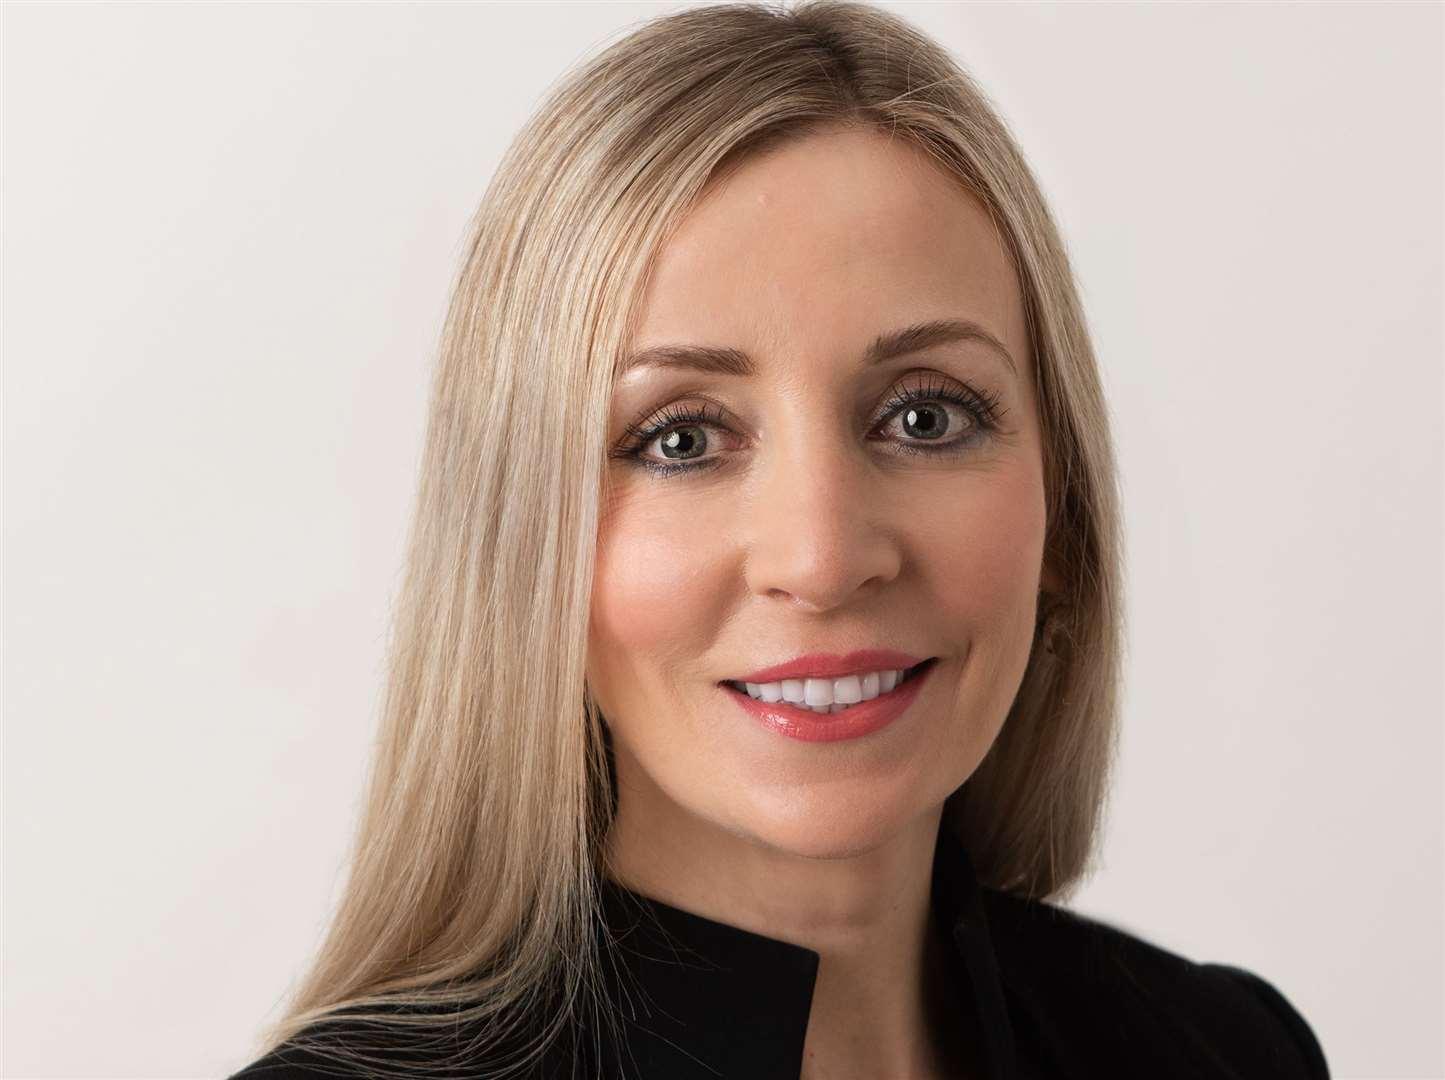 Rebecca Kemp est une hypnothérapeute de Sittingbourne